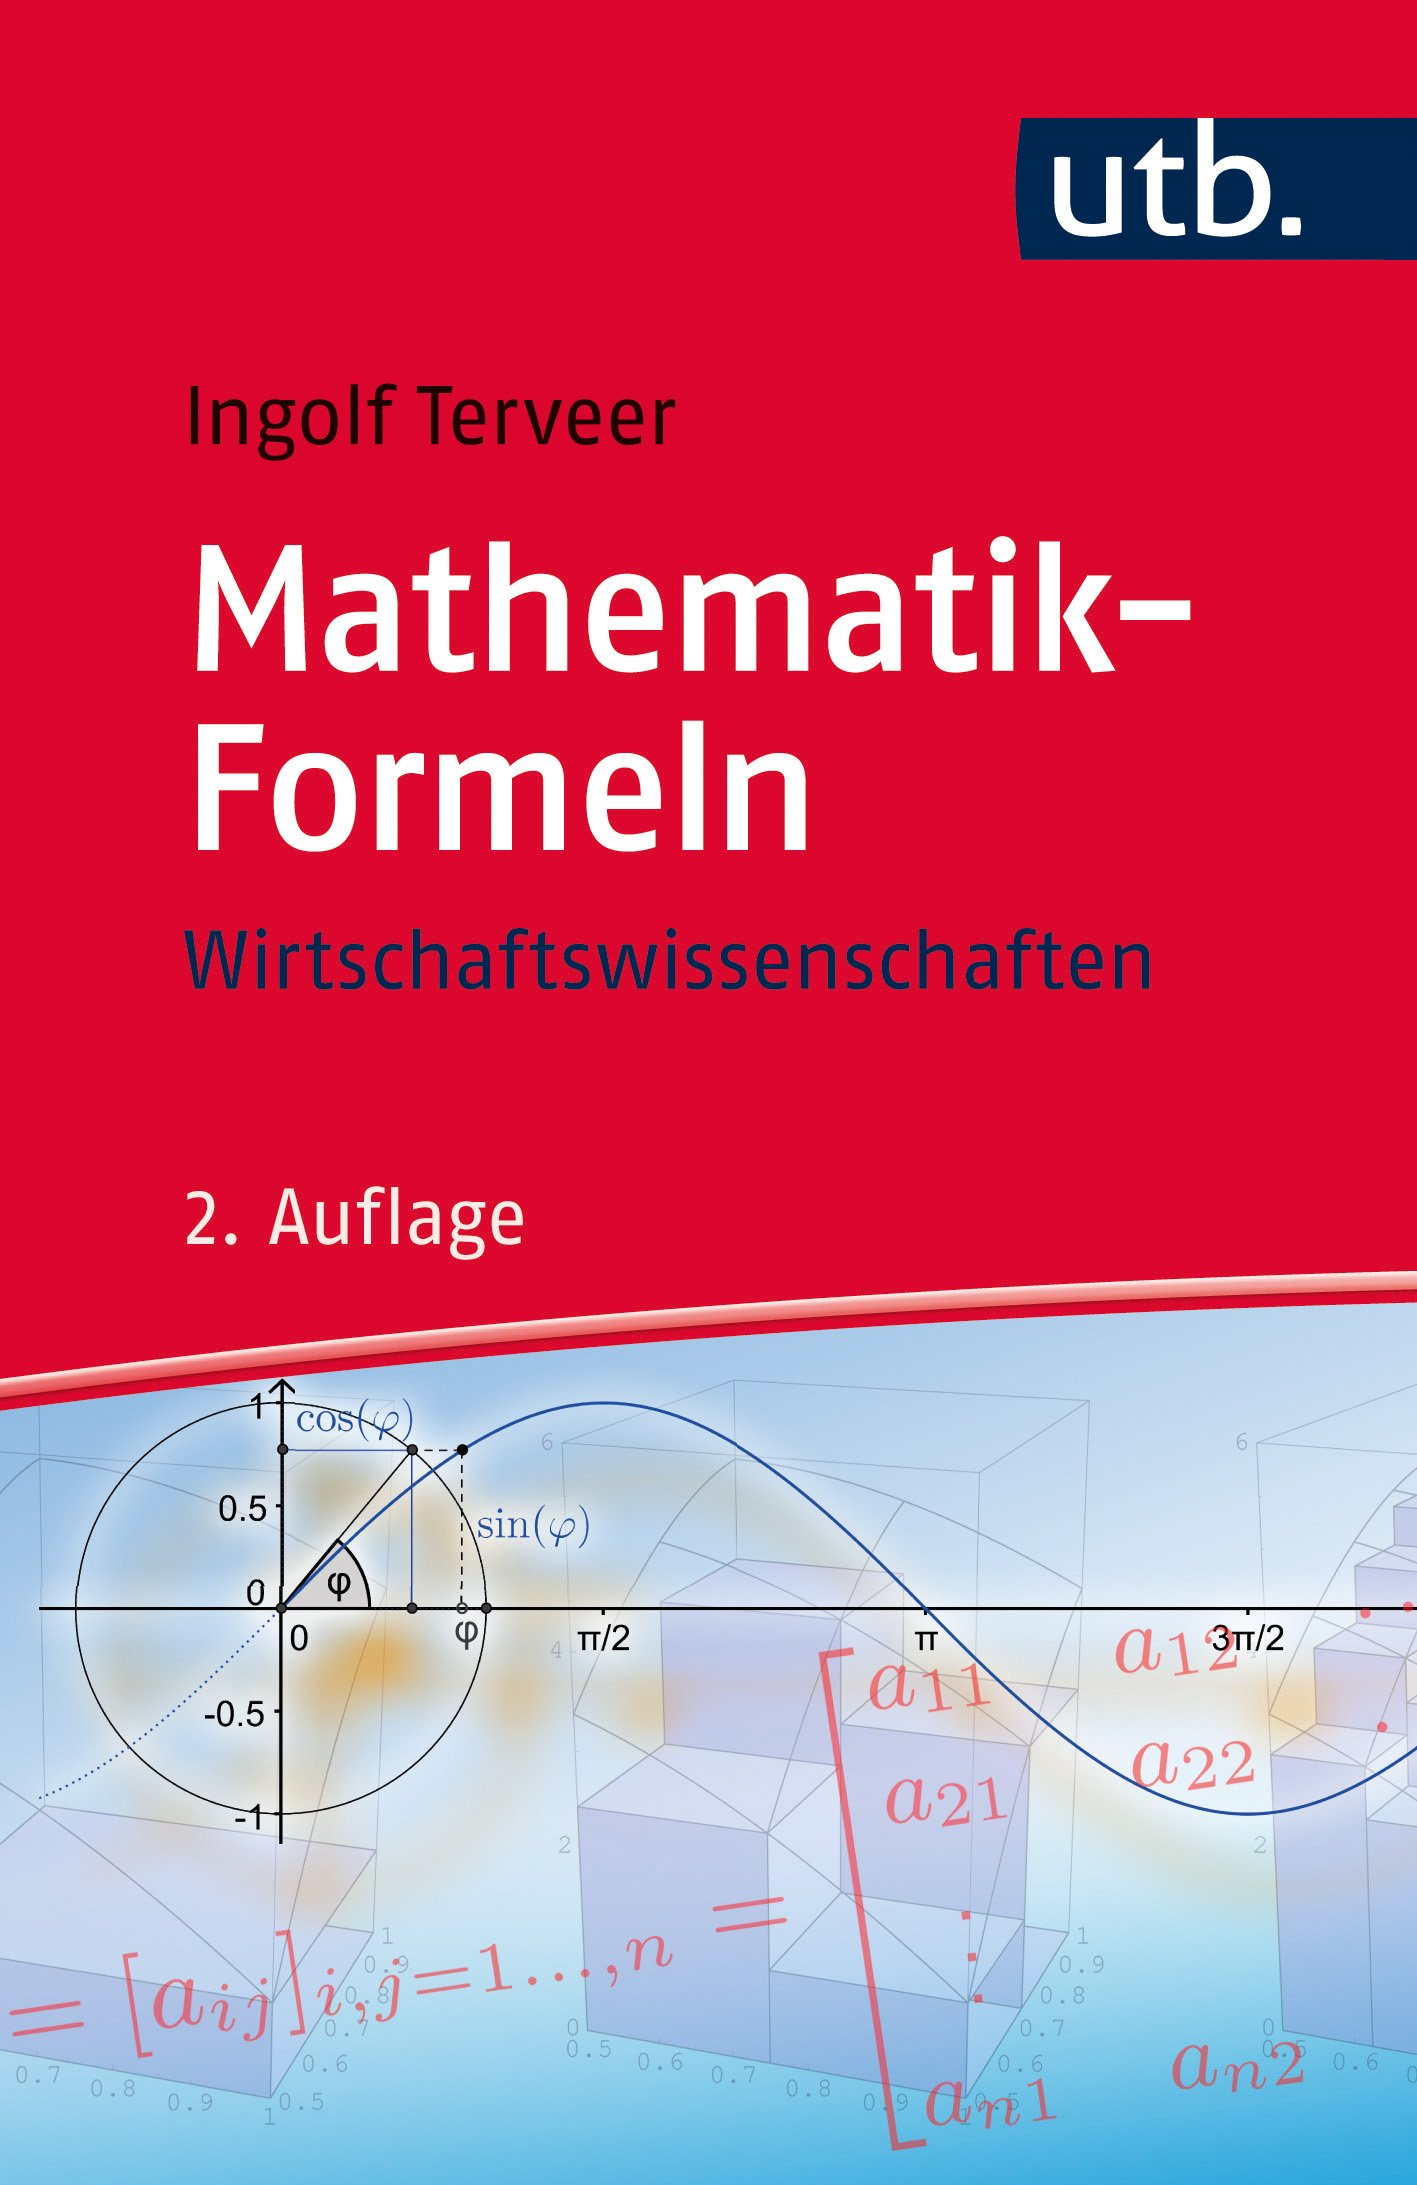 mathematik-formeln-wirtschaftswissenschaften